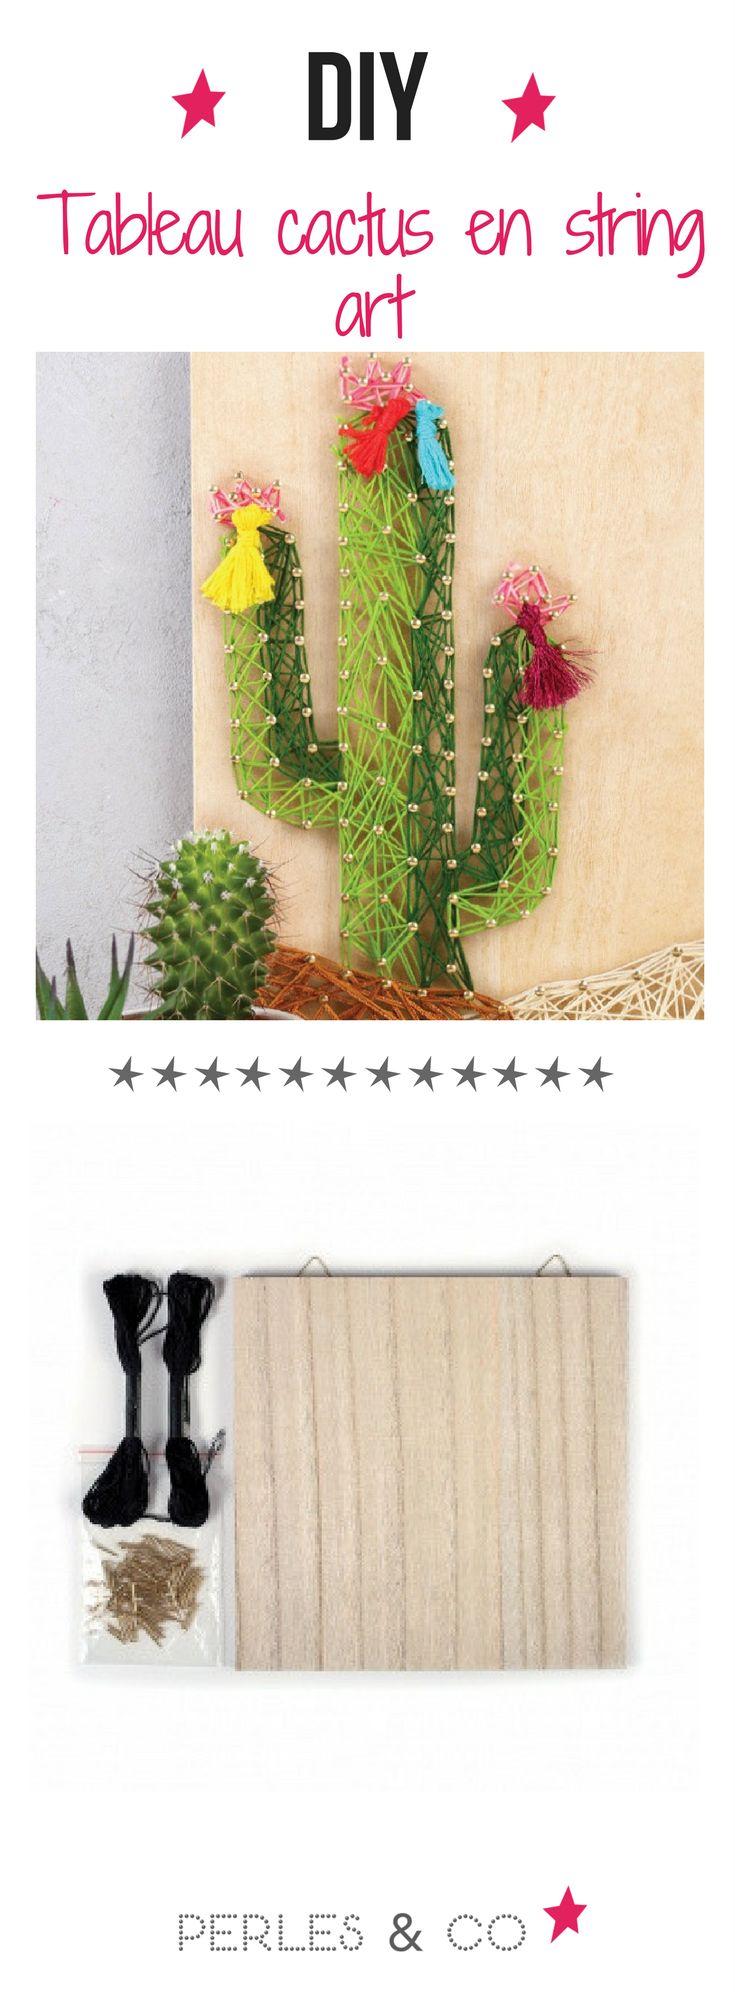 Réalisez un tableau cactus en string art. Redécorez votre salon avec un tableau unique fait par vous ! Le string art est ultra-tendance et personnalisable à l'infini ! Retrouvez nos kit string art sur le site de Perles and Co !